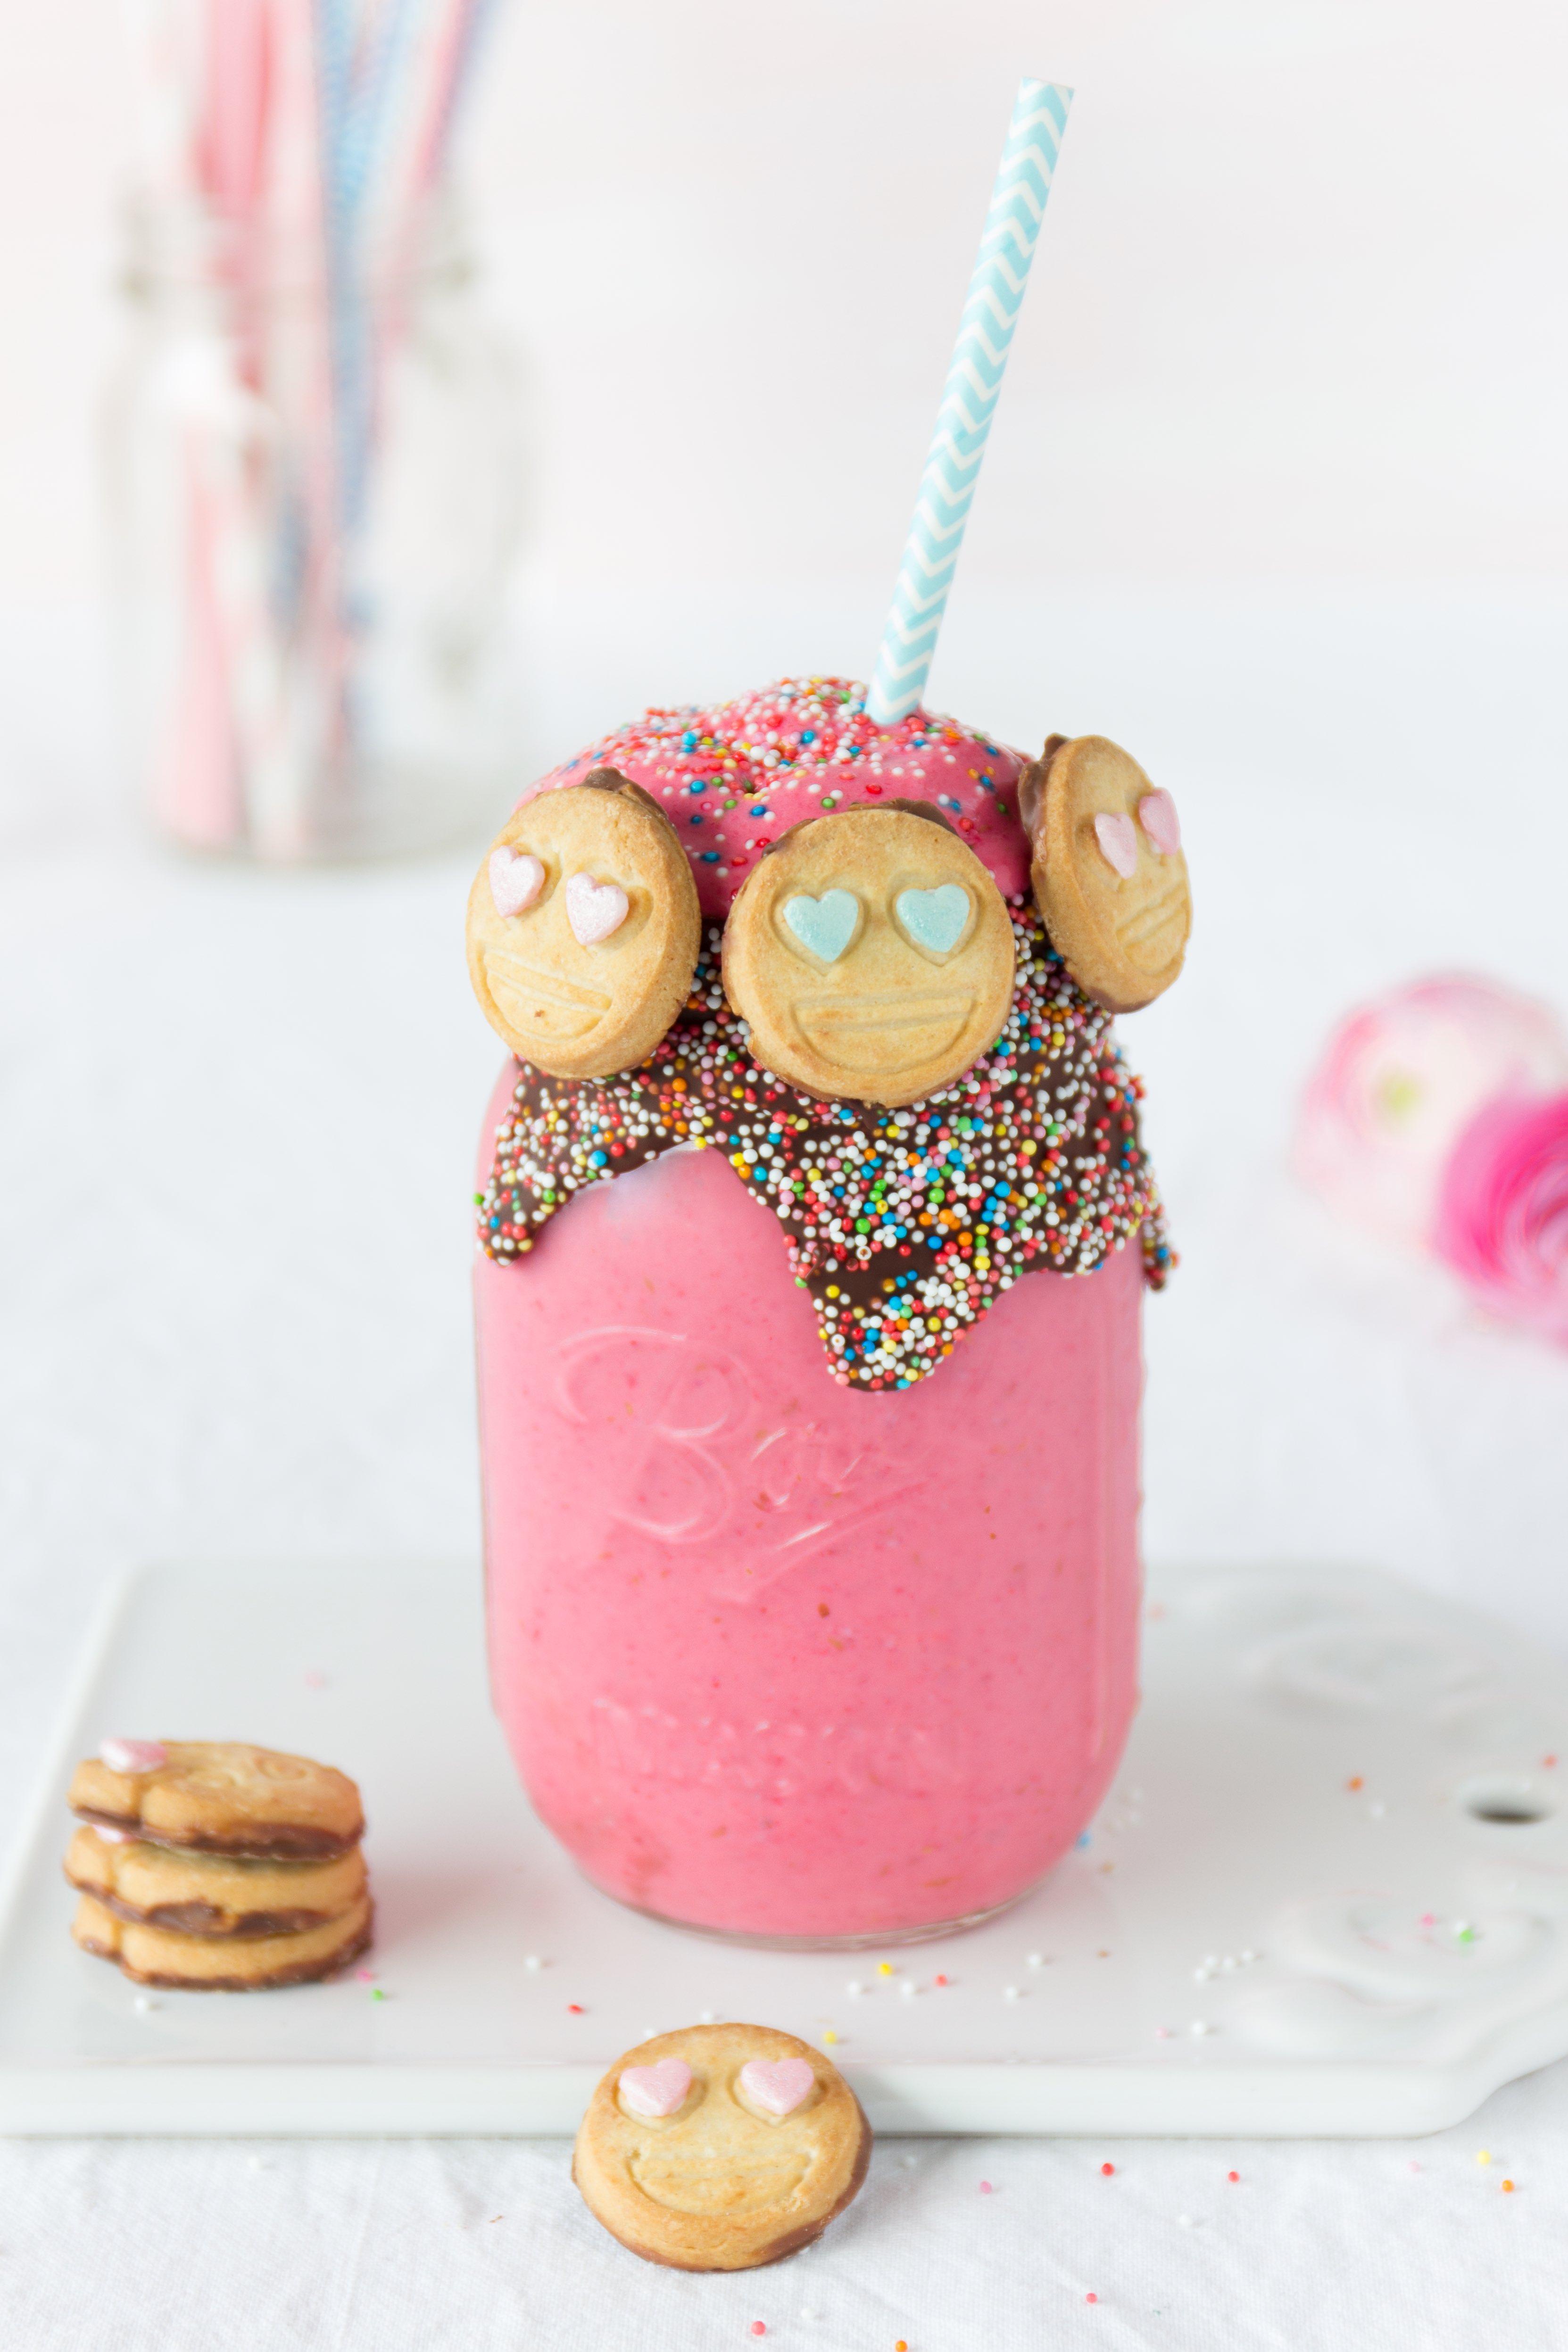 Smoothie Rezept: Himbeer Cheesecake Smoothie zum Valentinstag mit Emoji Keksen #smoothie #valentinstag #cheesecakesmoothie #himbeere | Emma´s Lieblingsstücke